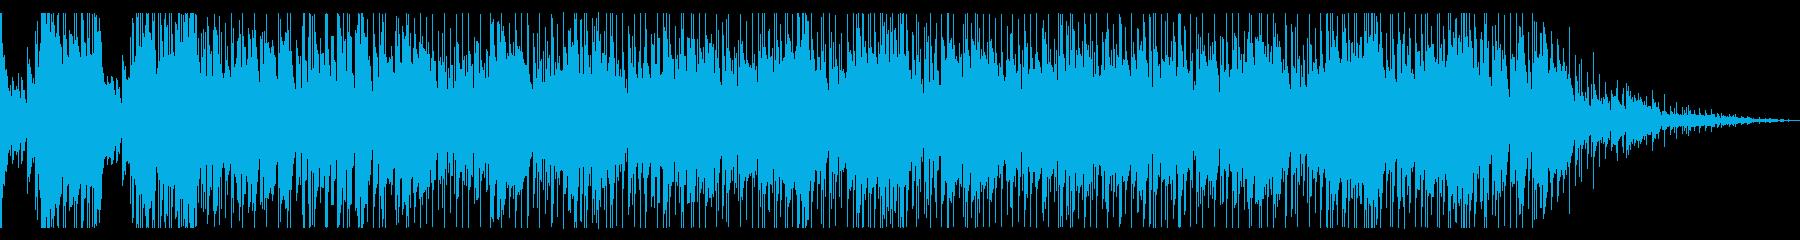 ピアノメインのスリーピースジャズです。の再生済みの波形